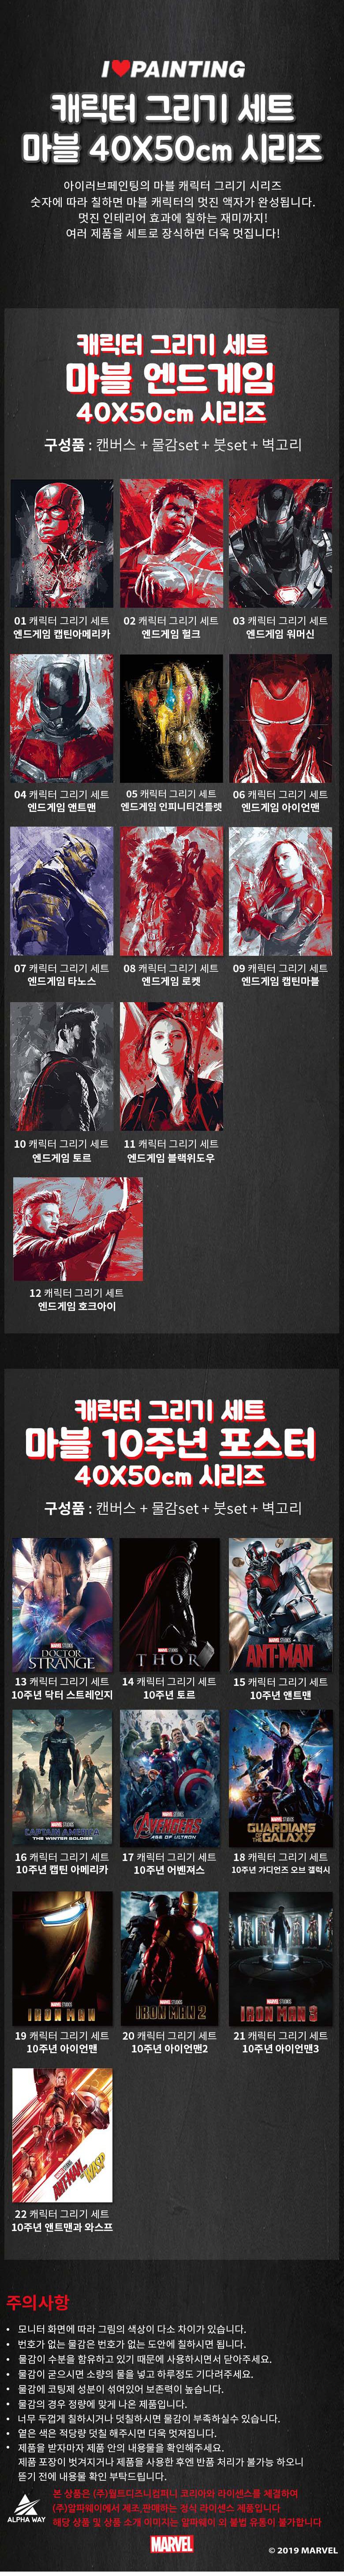 [공식]마블 DIY 아이러브페인팅 아이언맨 그리기 - 아이러브페인팅, 15,800원, DIY그리기, 캐릭터 그리기